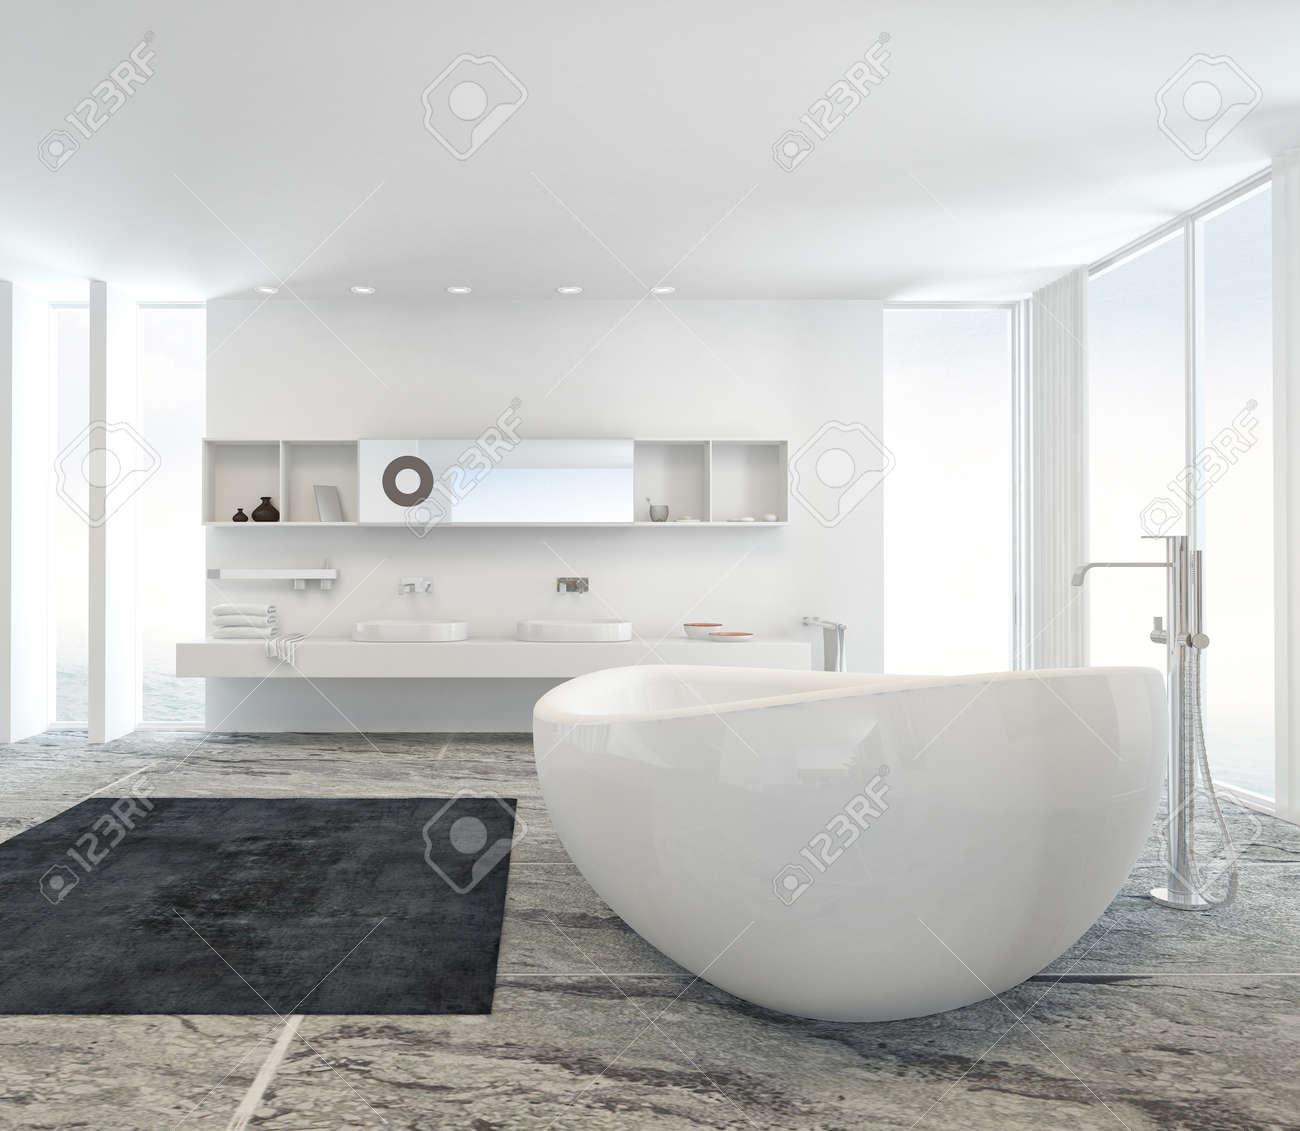 moderno bagno interno con una vasca freestanding bianca su un ... - Bagni Con Vasca Moderni